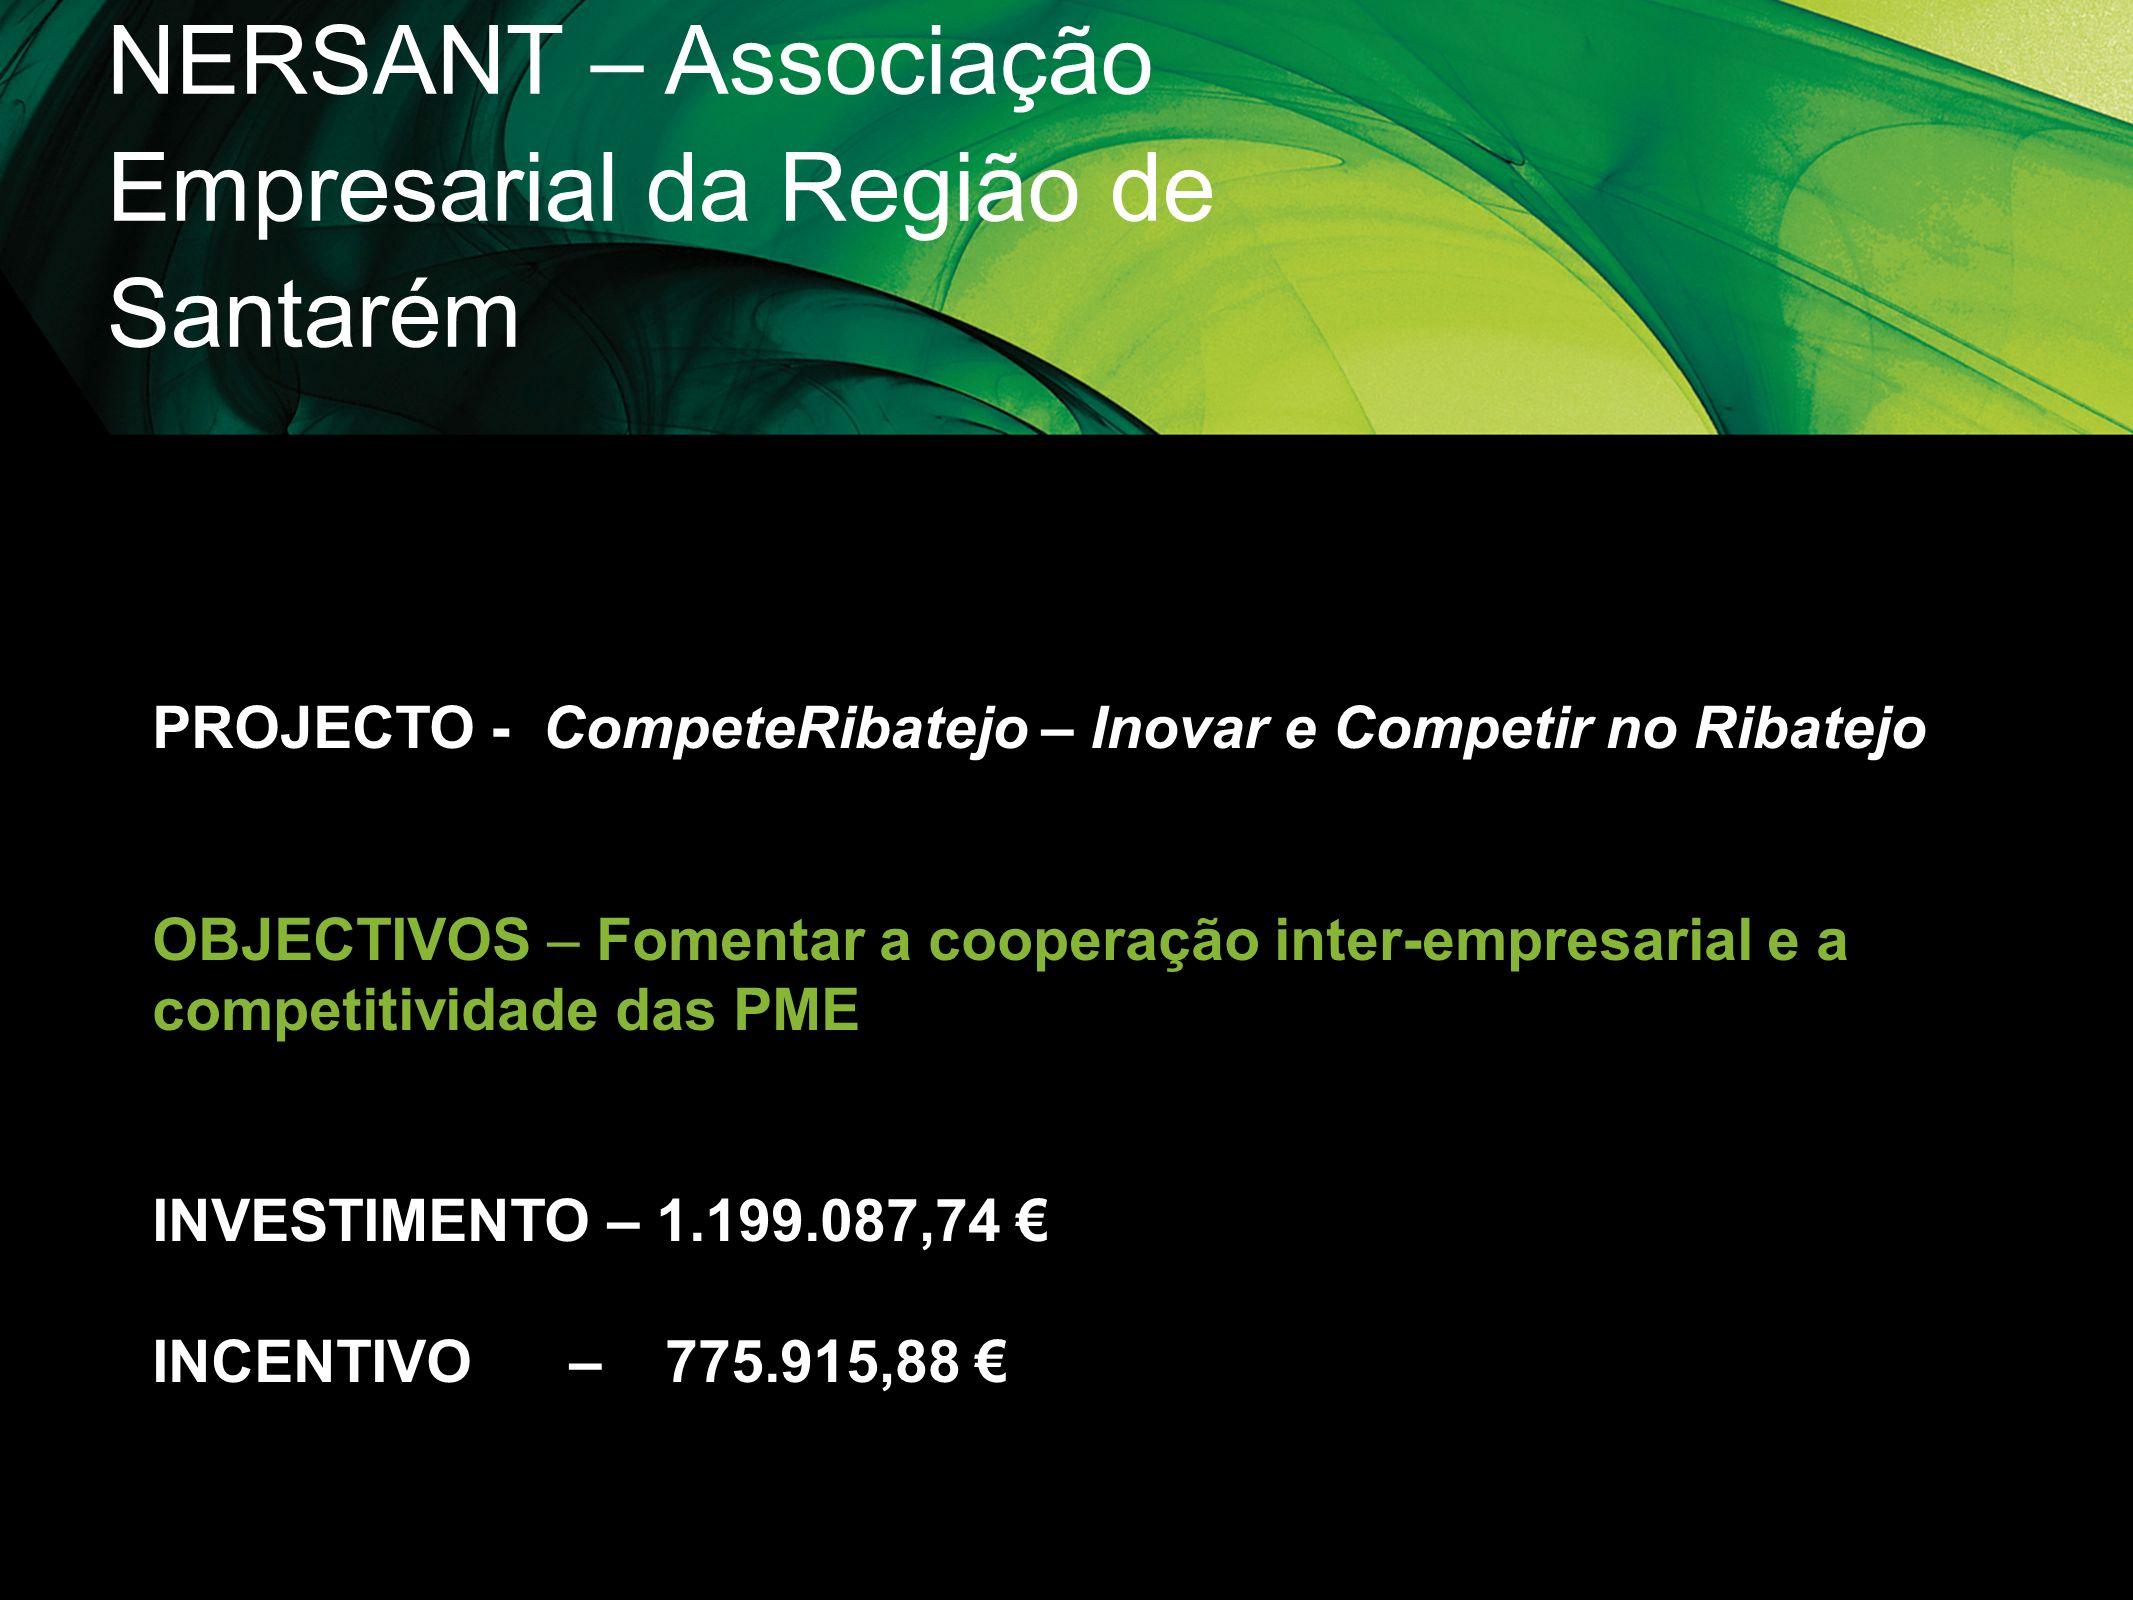 NERSANT – Associação Empresarial da Região de Santarém PROJECTO - CompeteRibatejo – Inovar e Competir no Ribatejo OBJECTIVOS – Fomentar a cooperação i